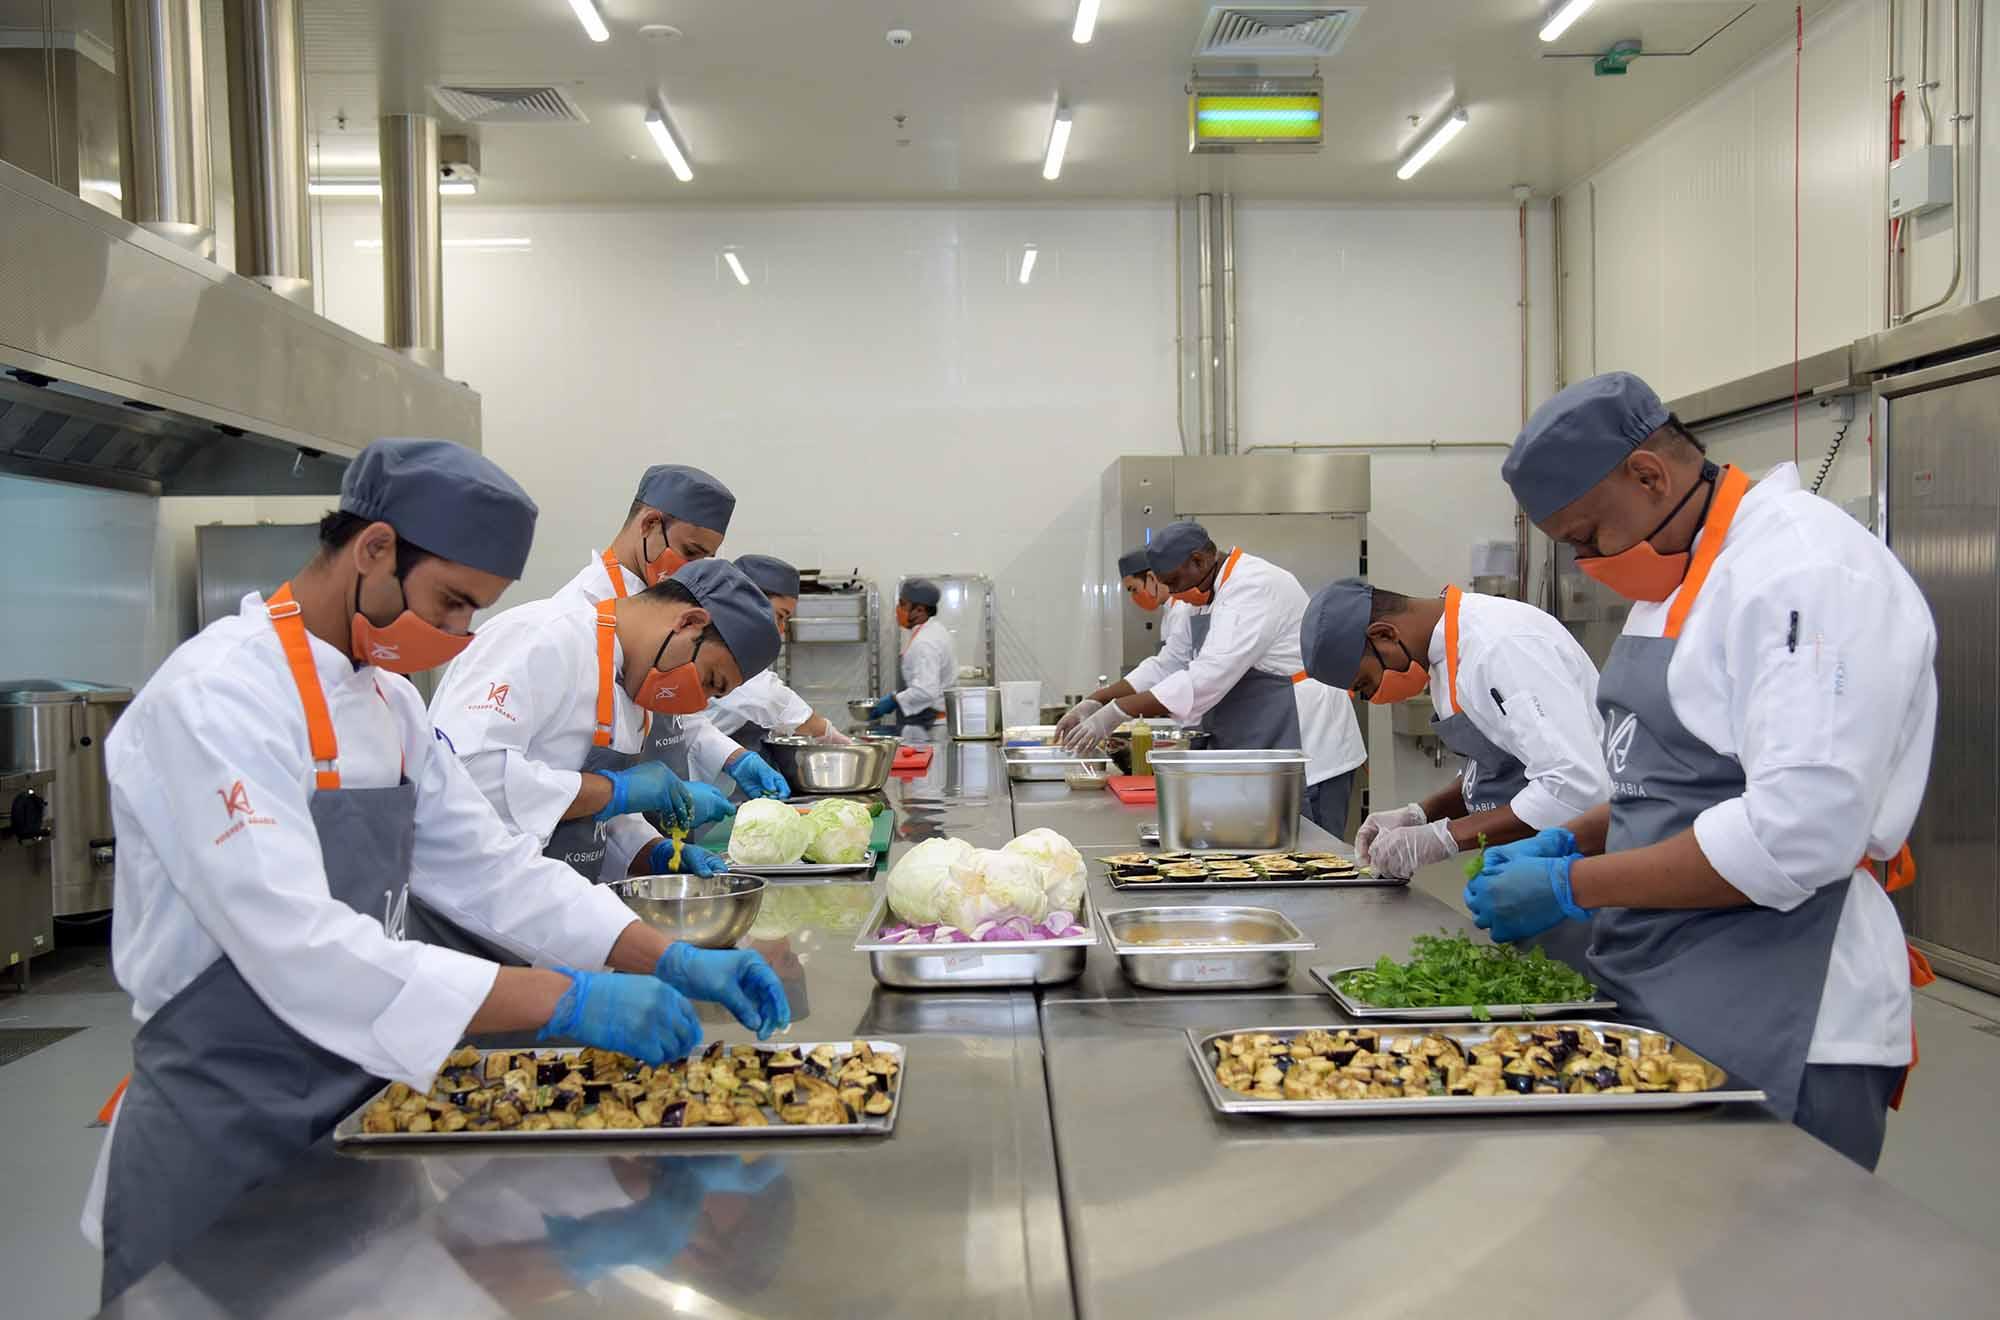 Essen&Trinken: Bei seiner Produktion legt Kosher Arabia besonderen Wert auf den nachhaltigen Einsatz von Ressourcen / Credit: Kosher Arabia